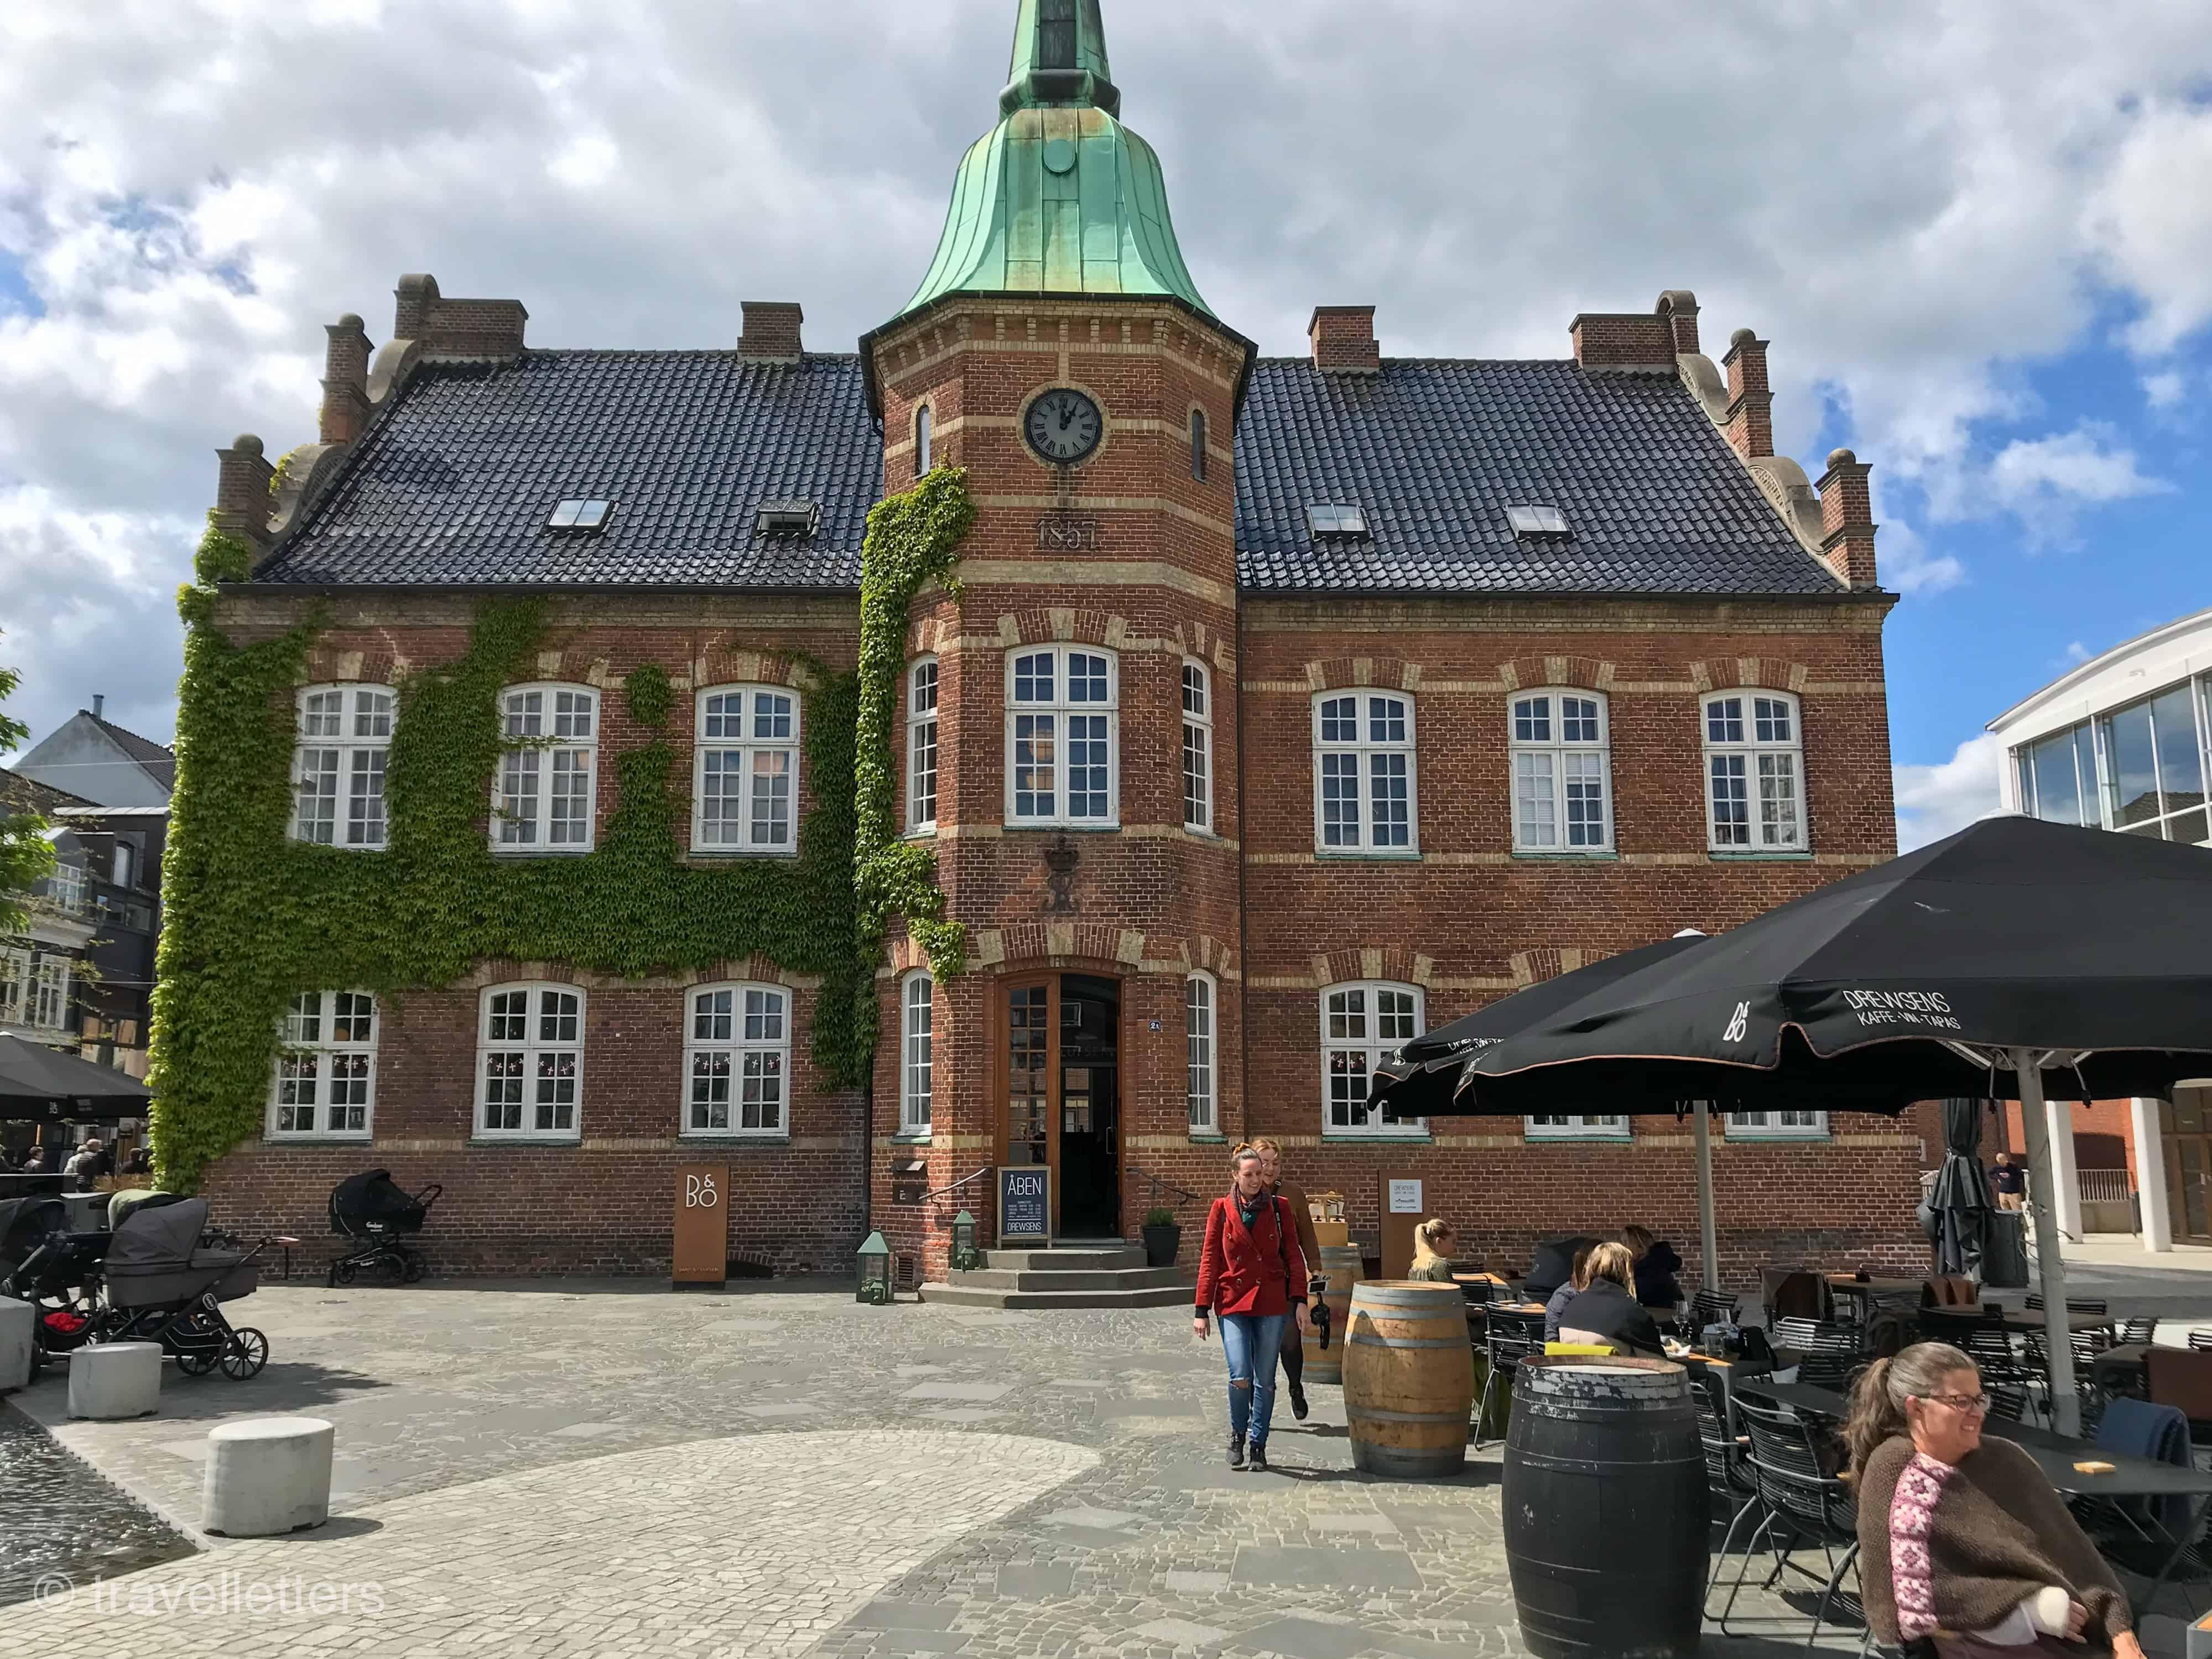 Weekendtur til Silkeborg i Danmark.Det Gamle rådhuset i Silkeborg. 5 ting å få med seg på en helgetur til Silkeborg.